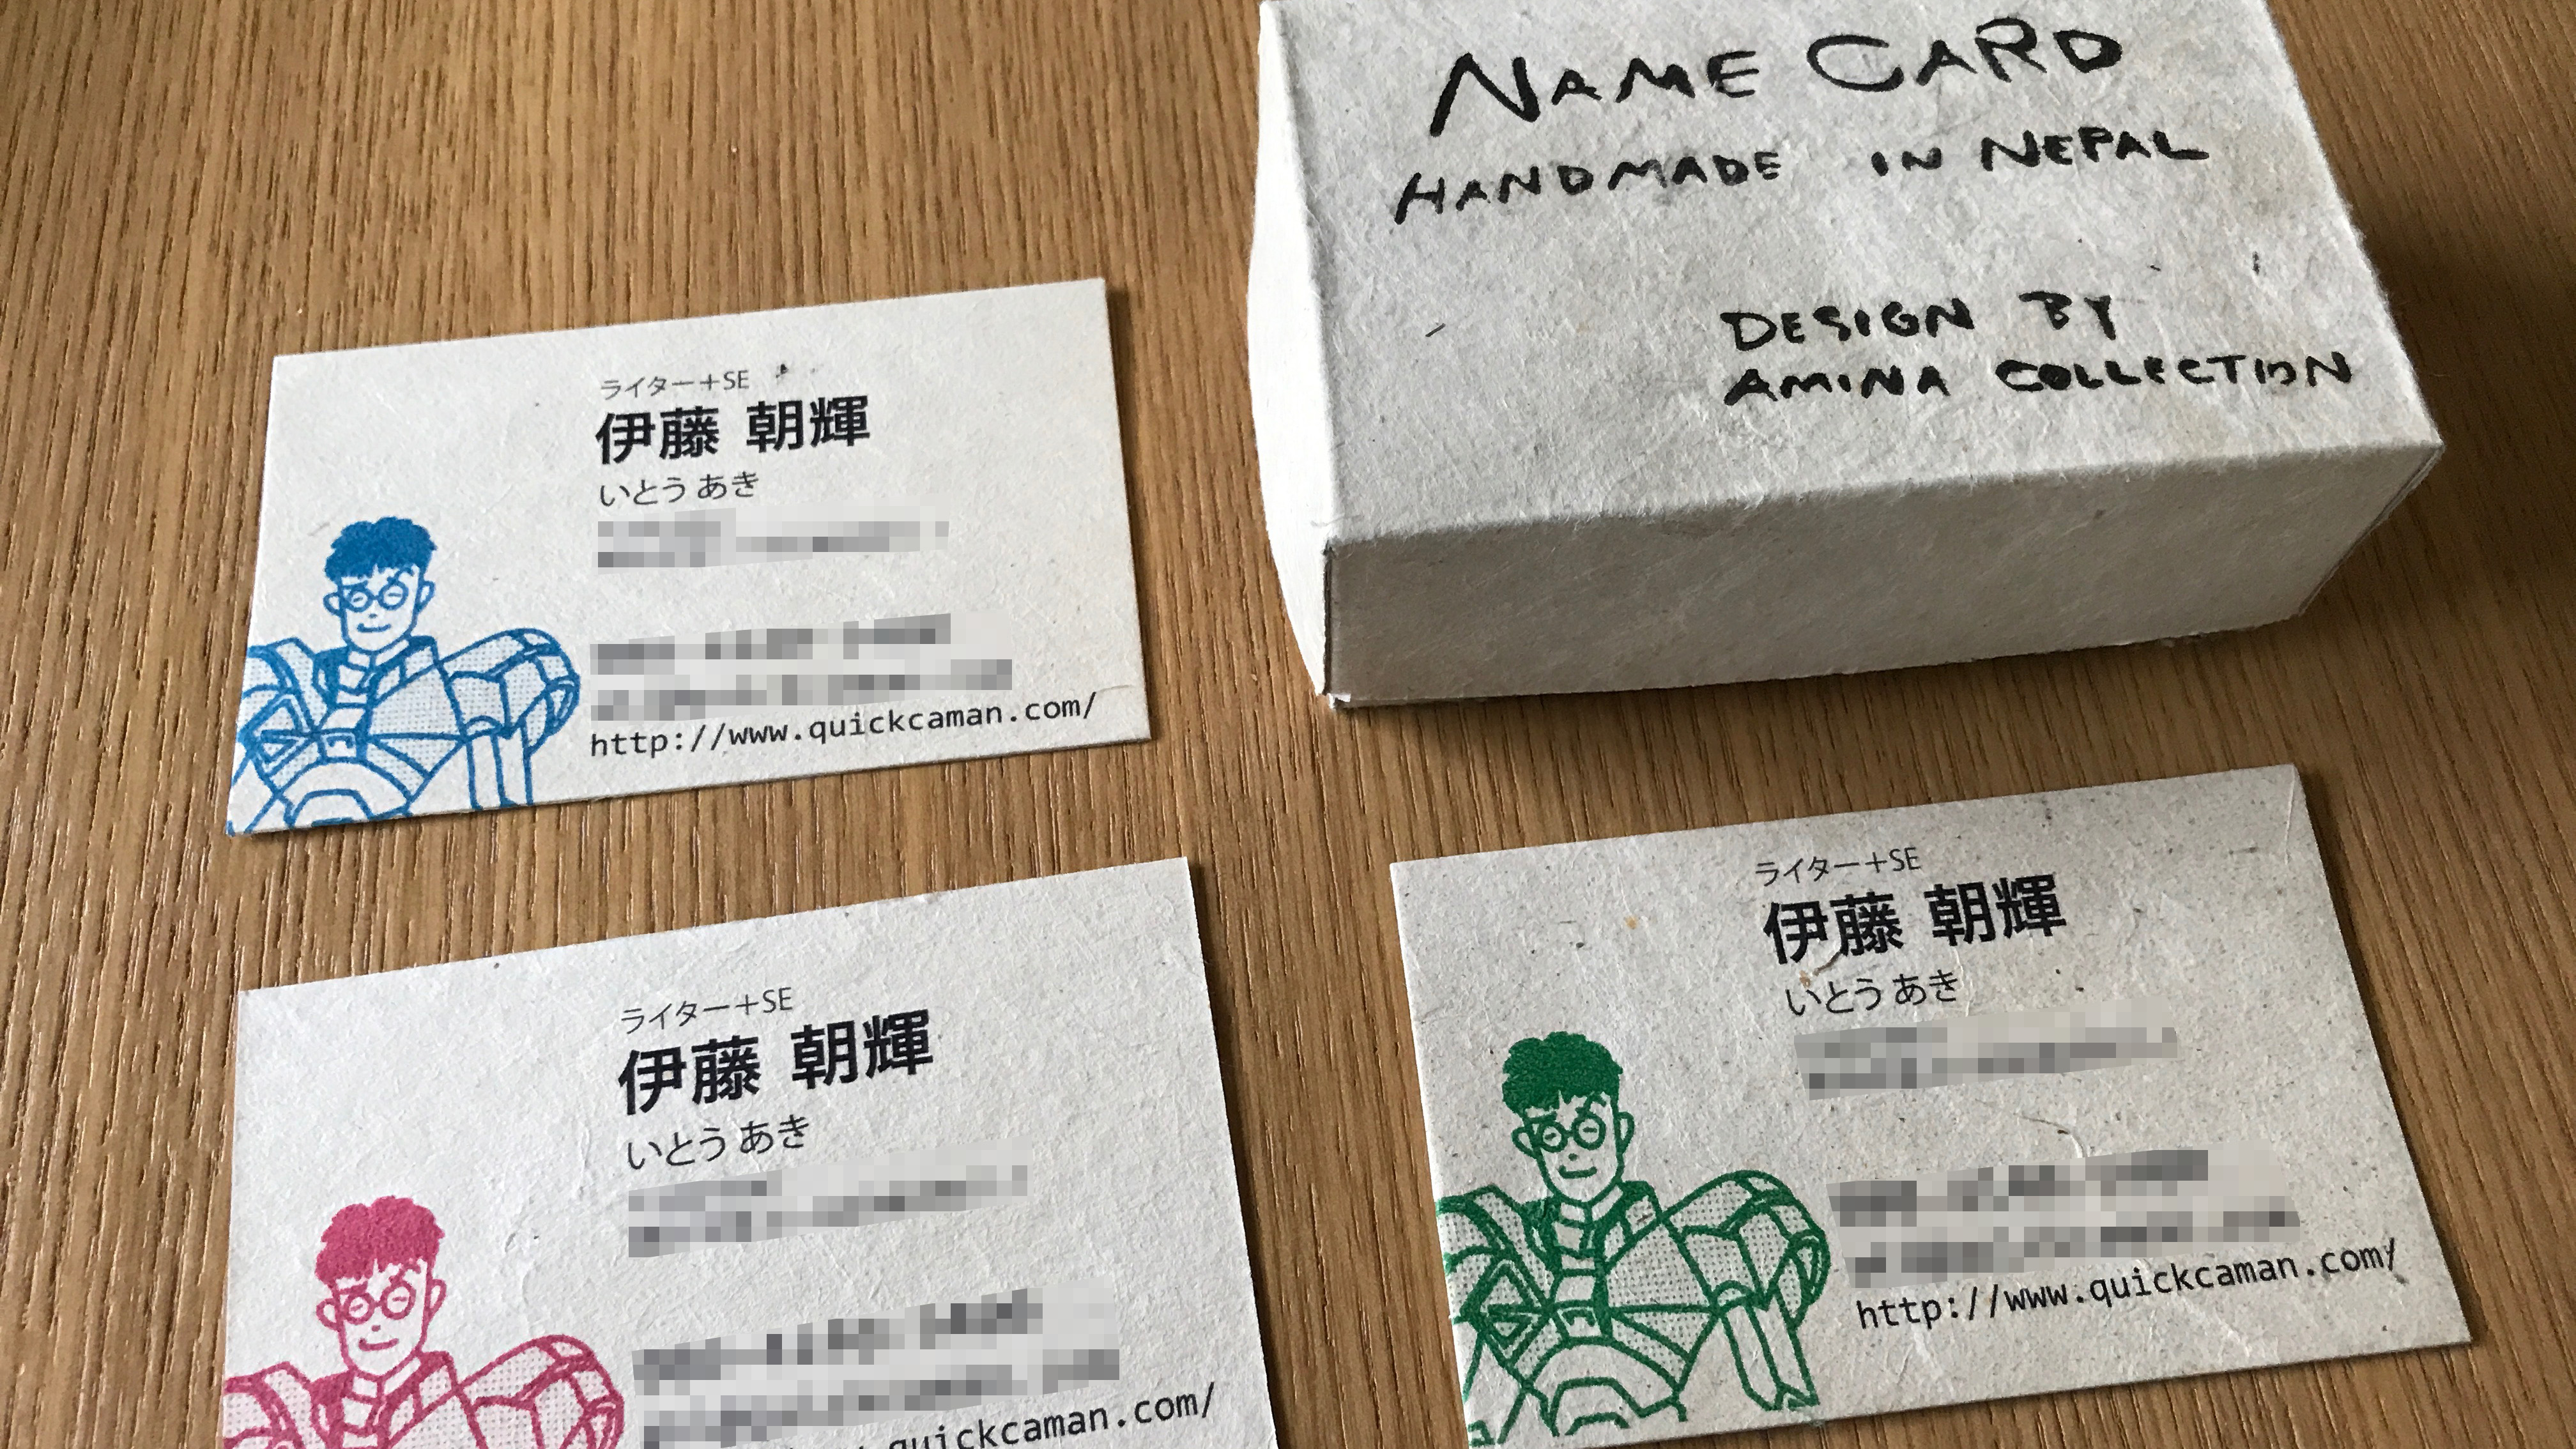 中華街のチャイハネで買った名刺用の紙にインクジェットで印刷したもの